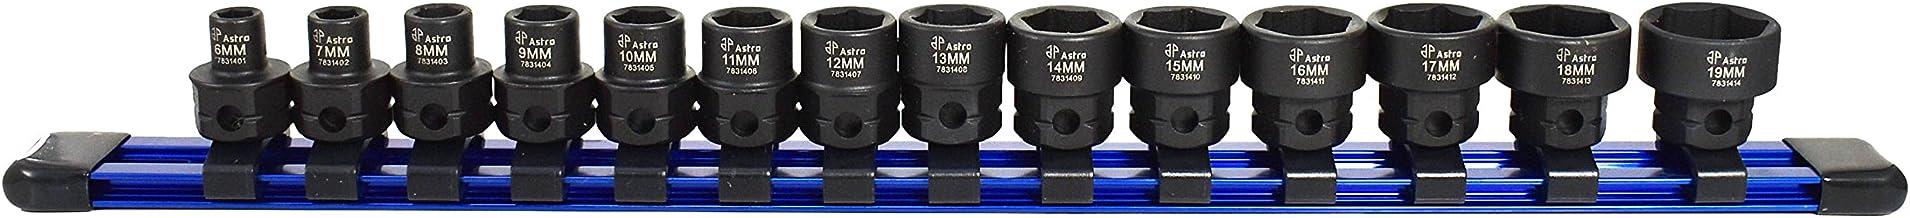 """Soquetes Nano Impact de perfil baixo Astro Tools 78314 14 peças 3/8"""" - métrico"""